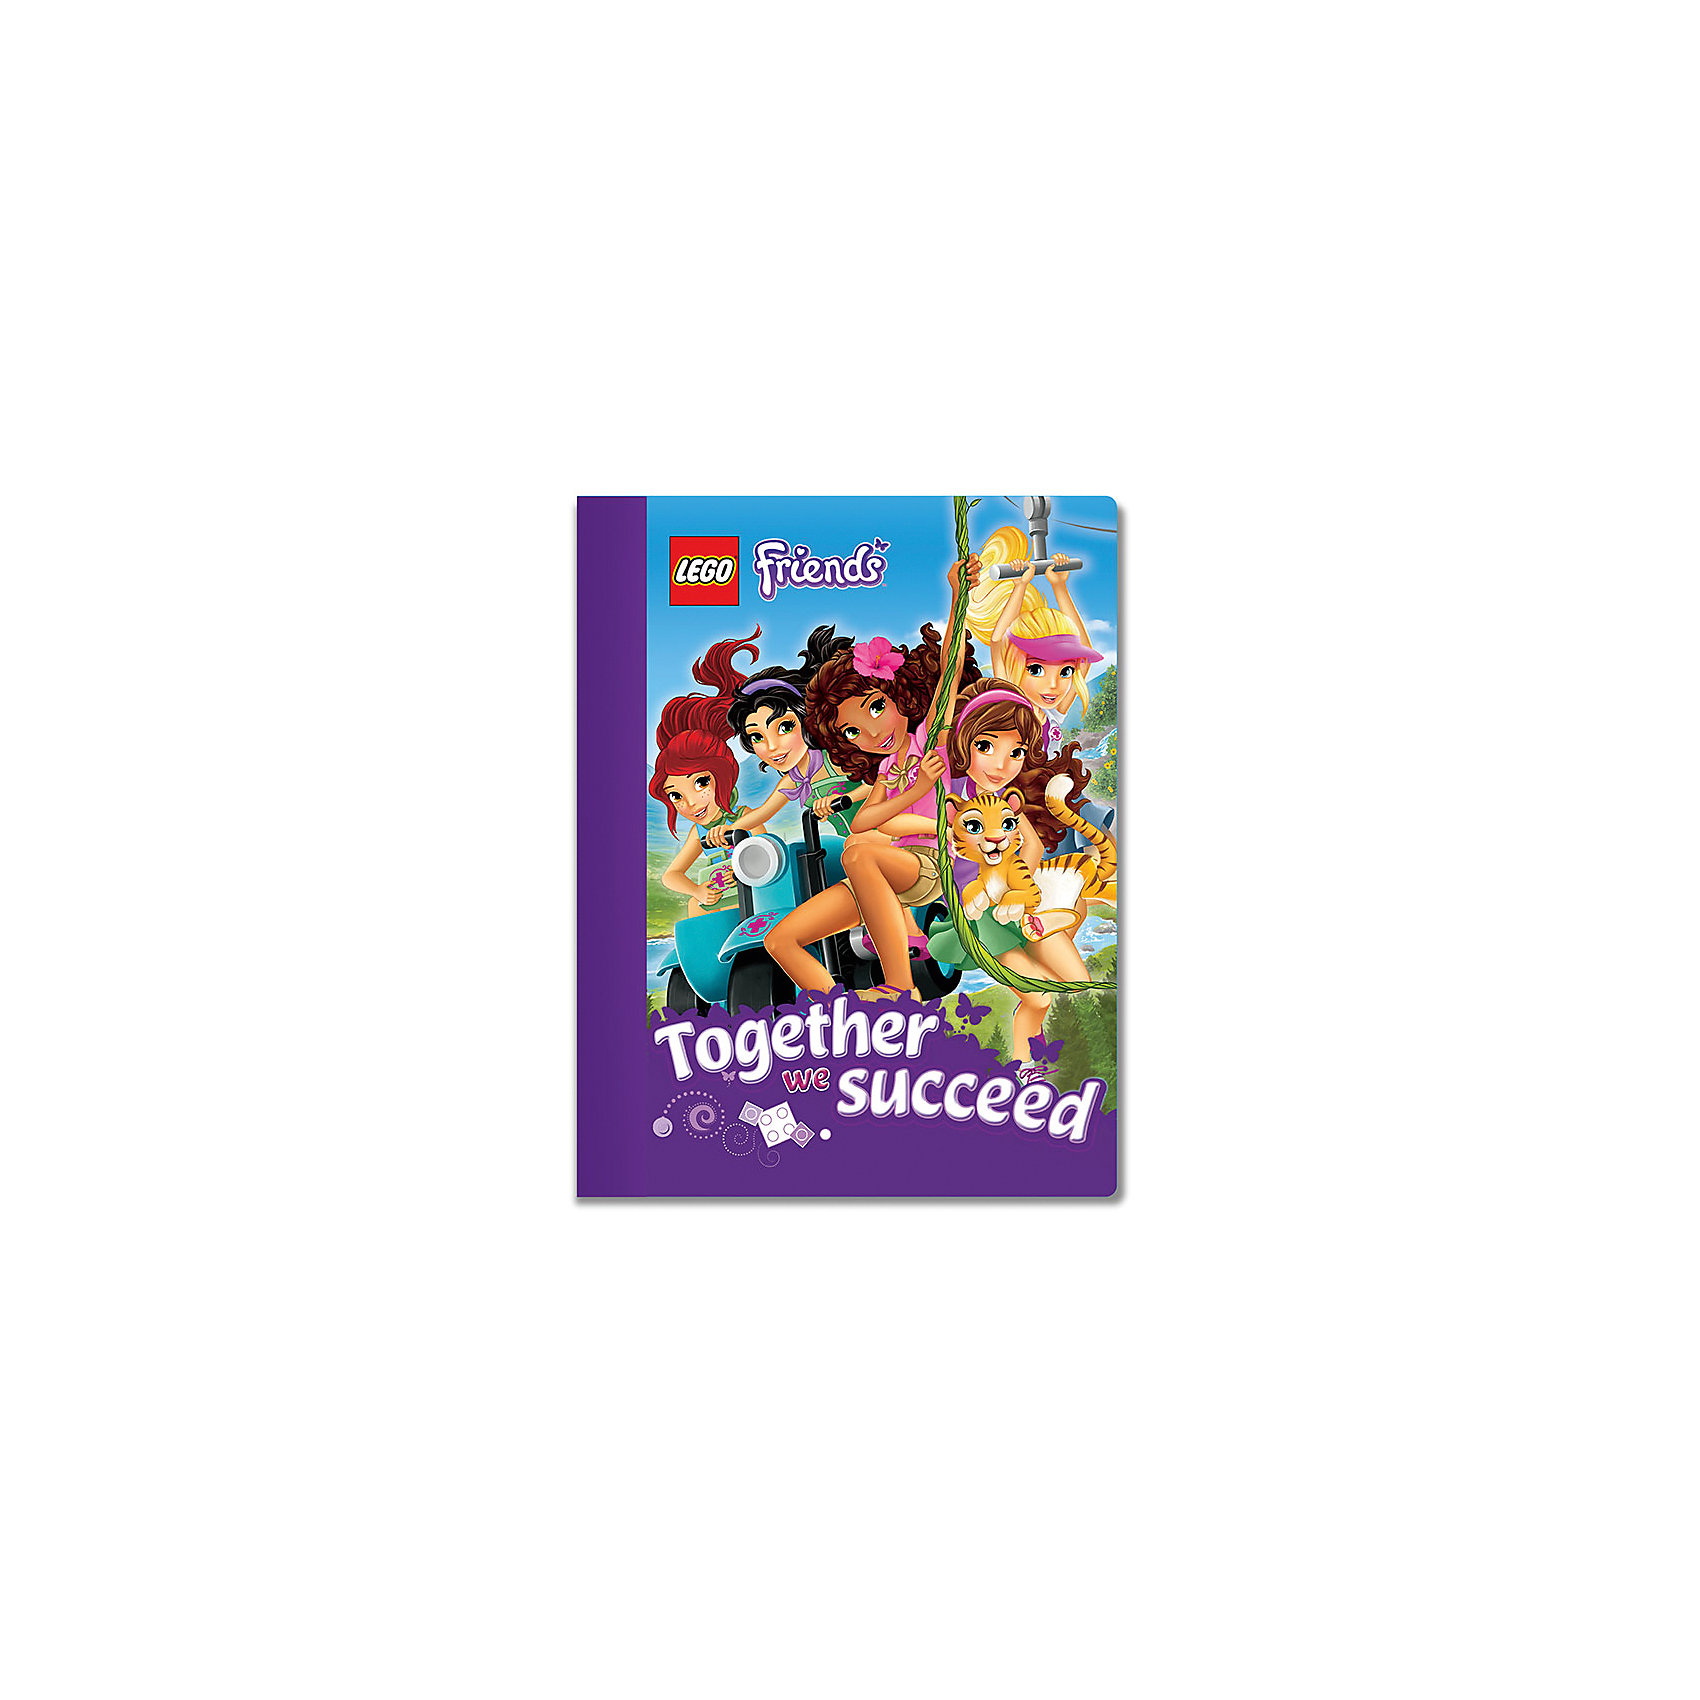 Тетрадь 100 листов, линейка, LEGOLEGO Товары для фанатов<br>Тетрадь в линейку предназначена для школьных занятий и просто для записей. Стильный дизайн обложки, сочетающий различные цвета и изображения любимых персонажей  делает тетрадь подходящей для учениц начальной и средней школы. Плотная обложка из высококачественного картона не даст помяться страничкам.<br><br>Ширина мм: 190<br>Глубина мм: 10<br>Высота мм: 247<br>Вес г: 380<br>Возраст от месяцев: 36<br>Возраст до месяцев: 72<br>Пол: Женский<br>Возраст: Детский<br>SKU: 5529380